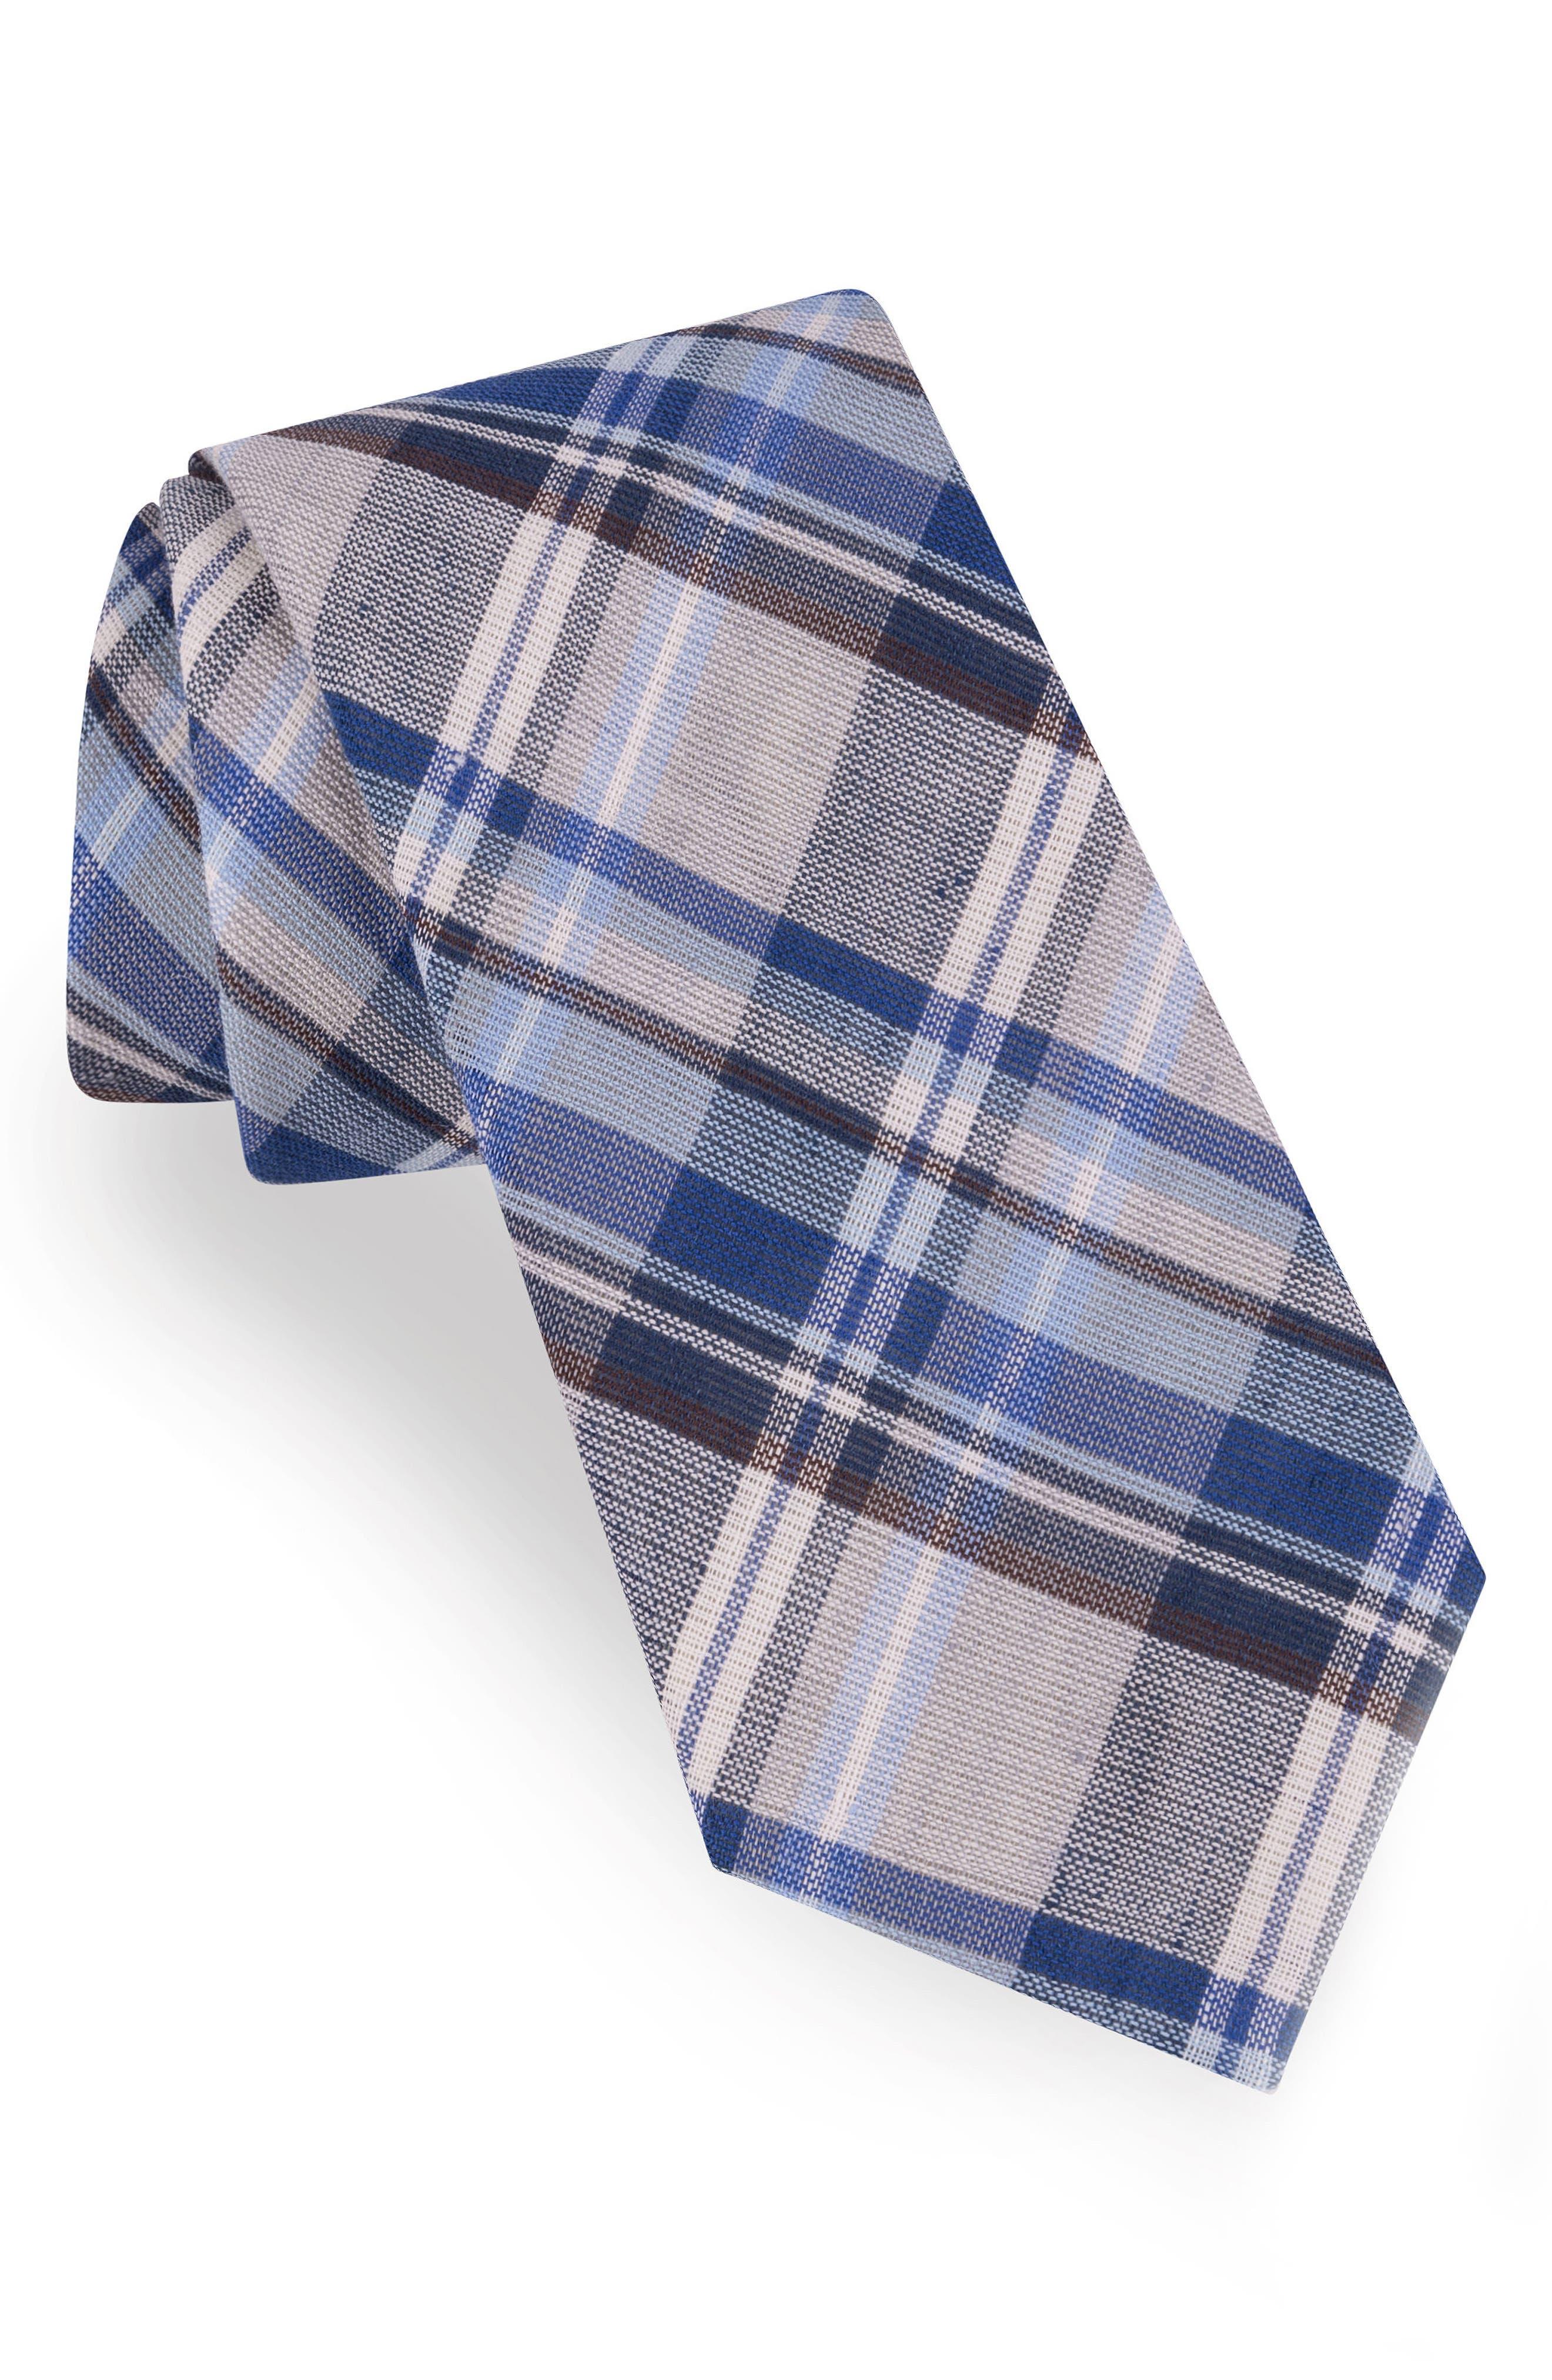 Plaid Cotton & Linen Tie,                             Main thumbnail 1, color,                             020